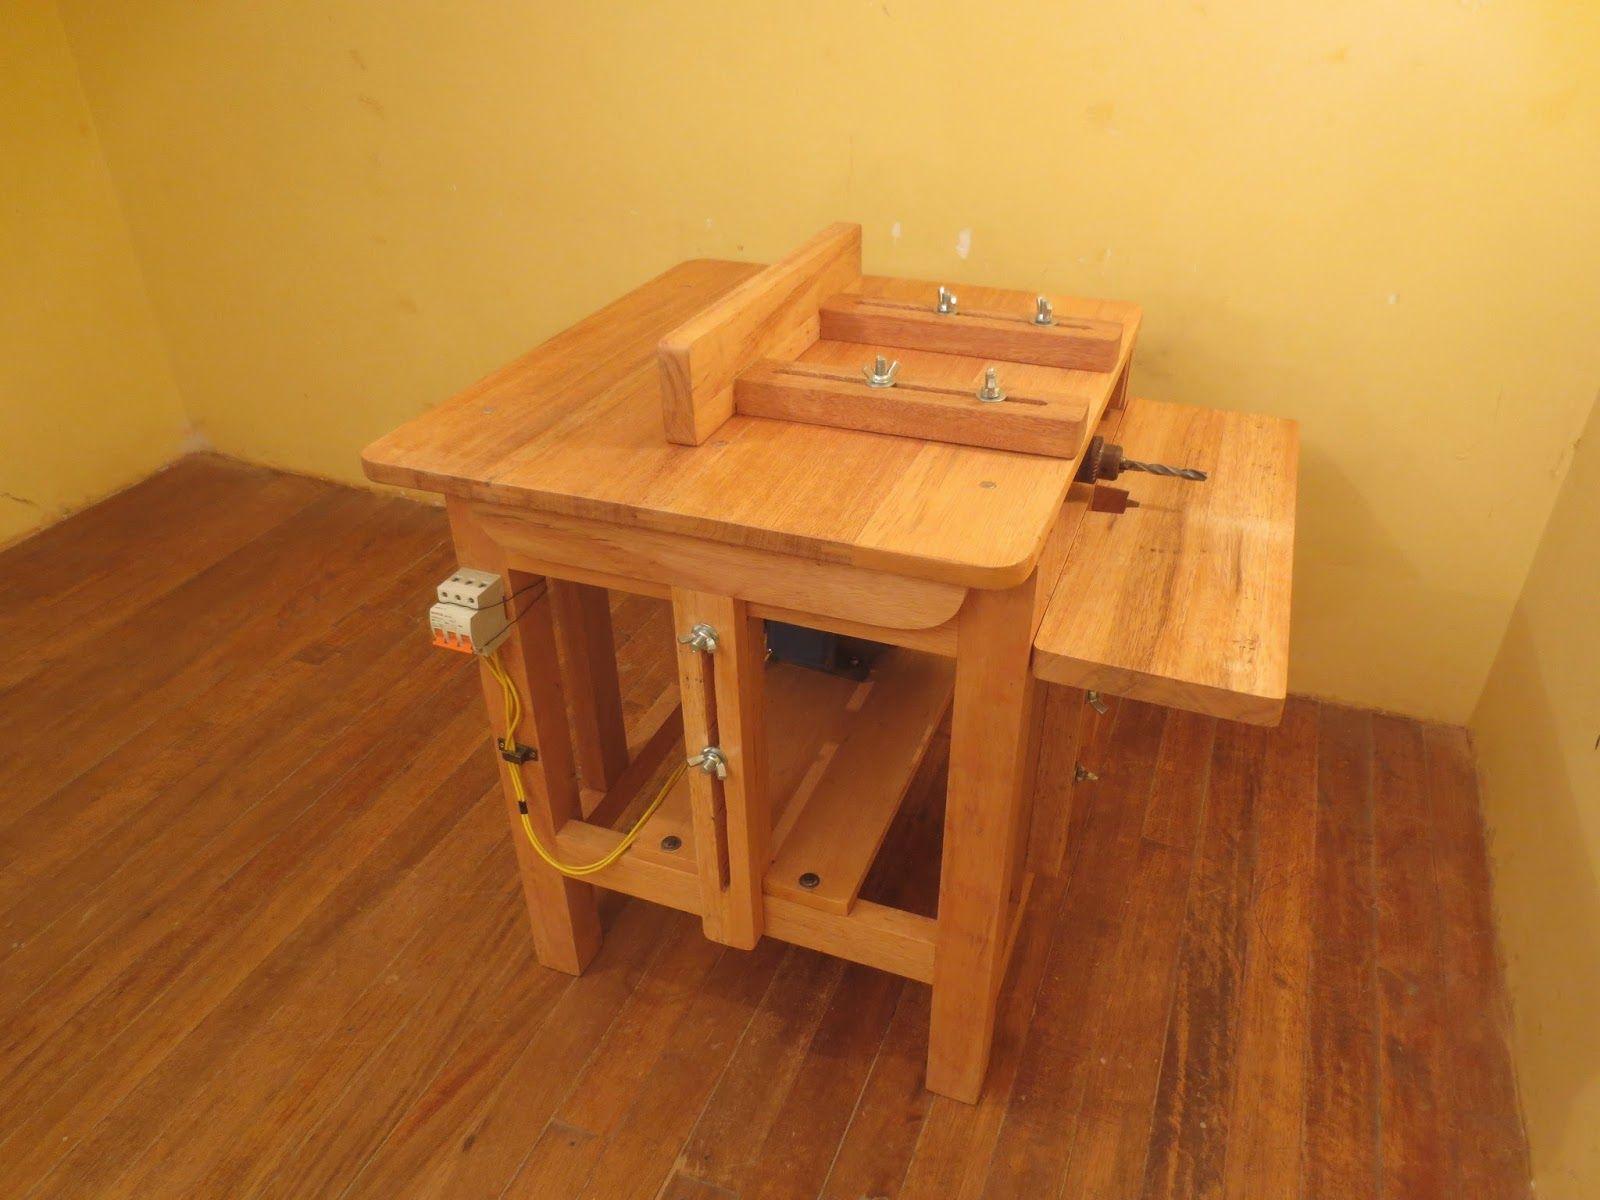 en madera como hacer una sierra circular de madera